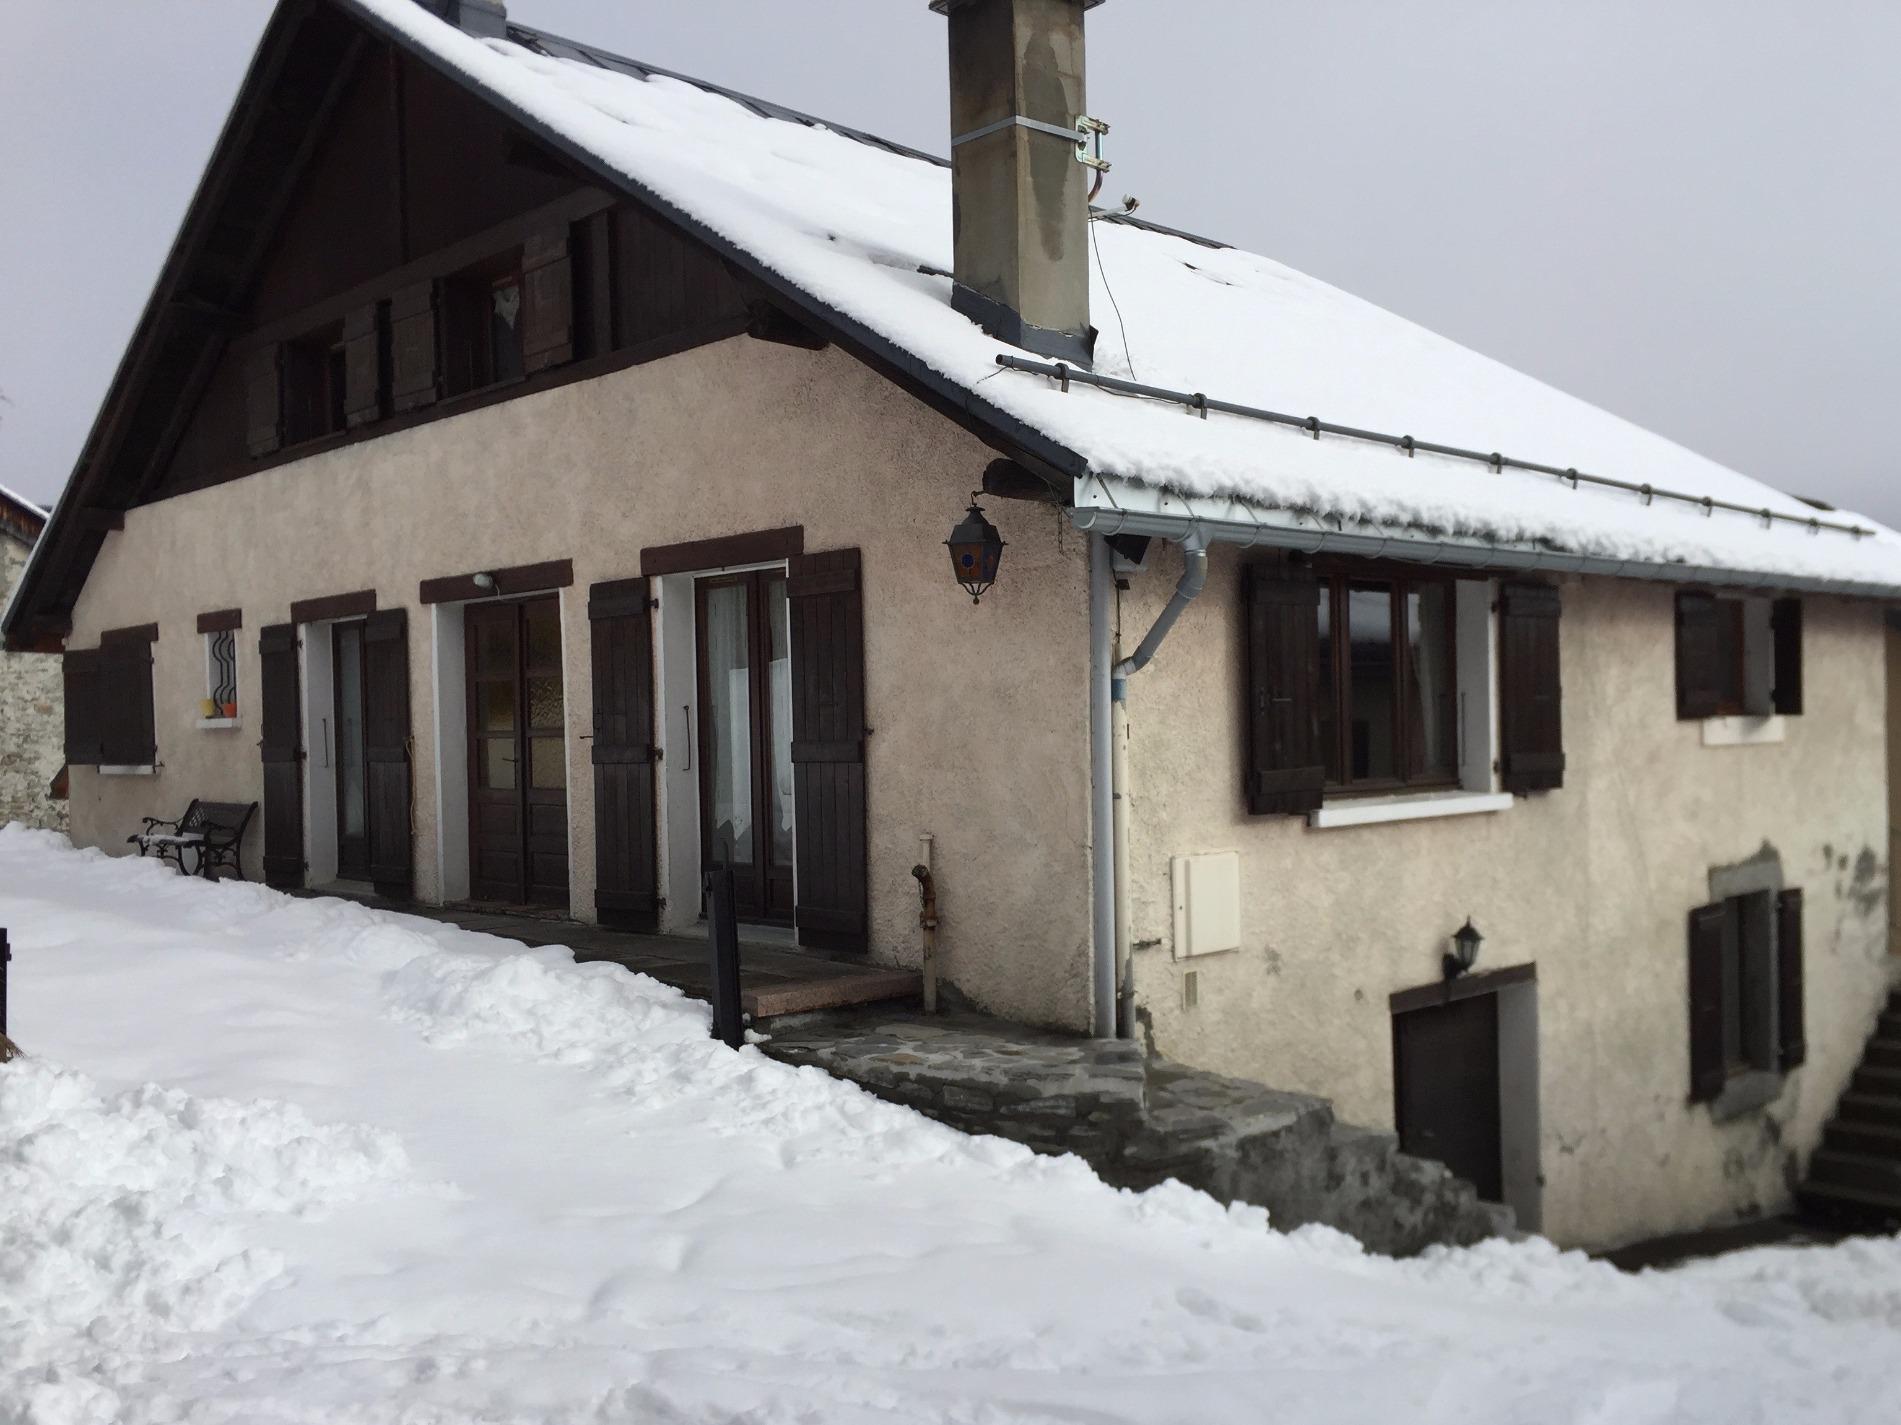 <p></p><p>  </p><p>Ferme de 250 m² à vendre situé dans le quartier des Moussoux, à proximité de la télécabine du Brévent.</p><p>Situation exceptionnelle face au Mont-Blanc,